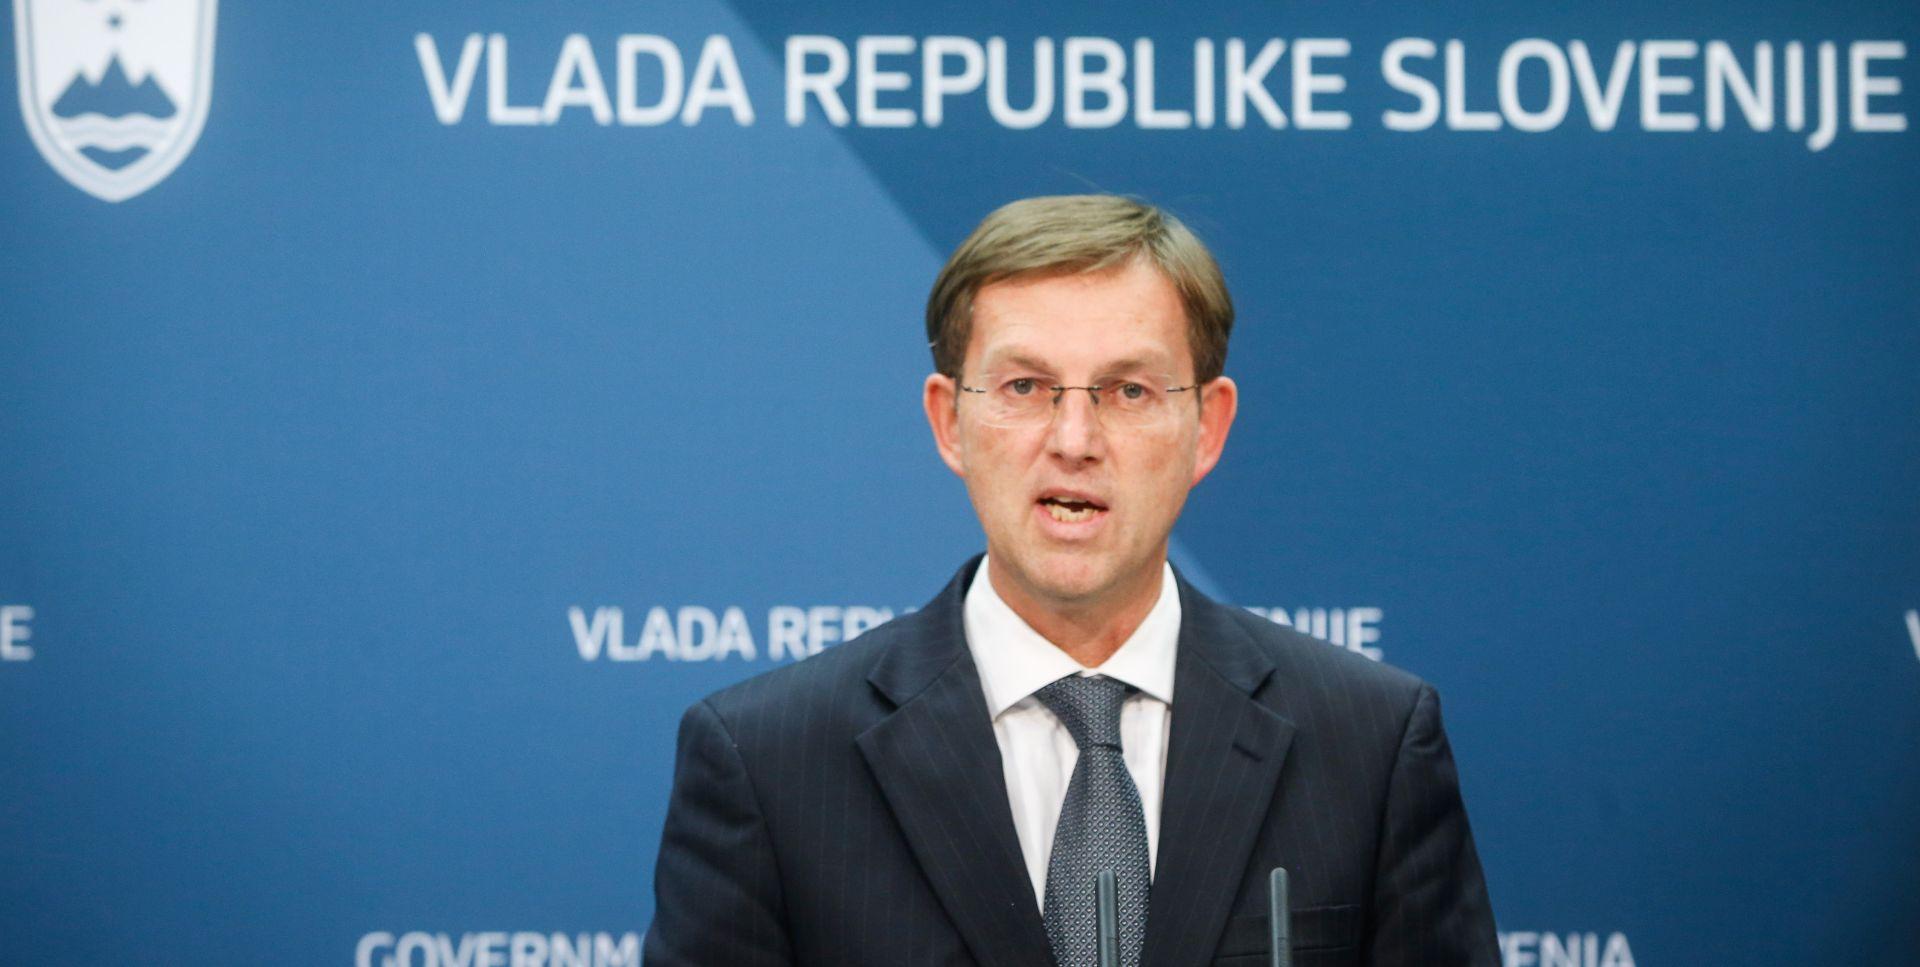 Slovenski premijer brani se od optužbi za nepotizam